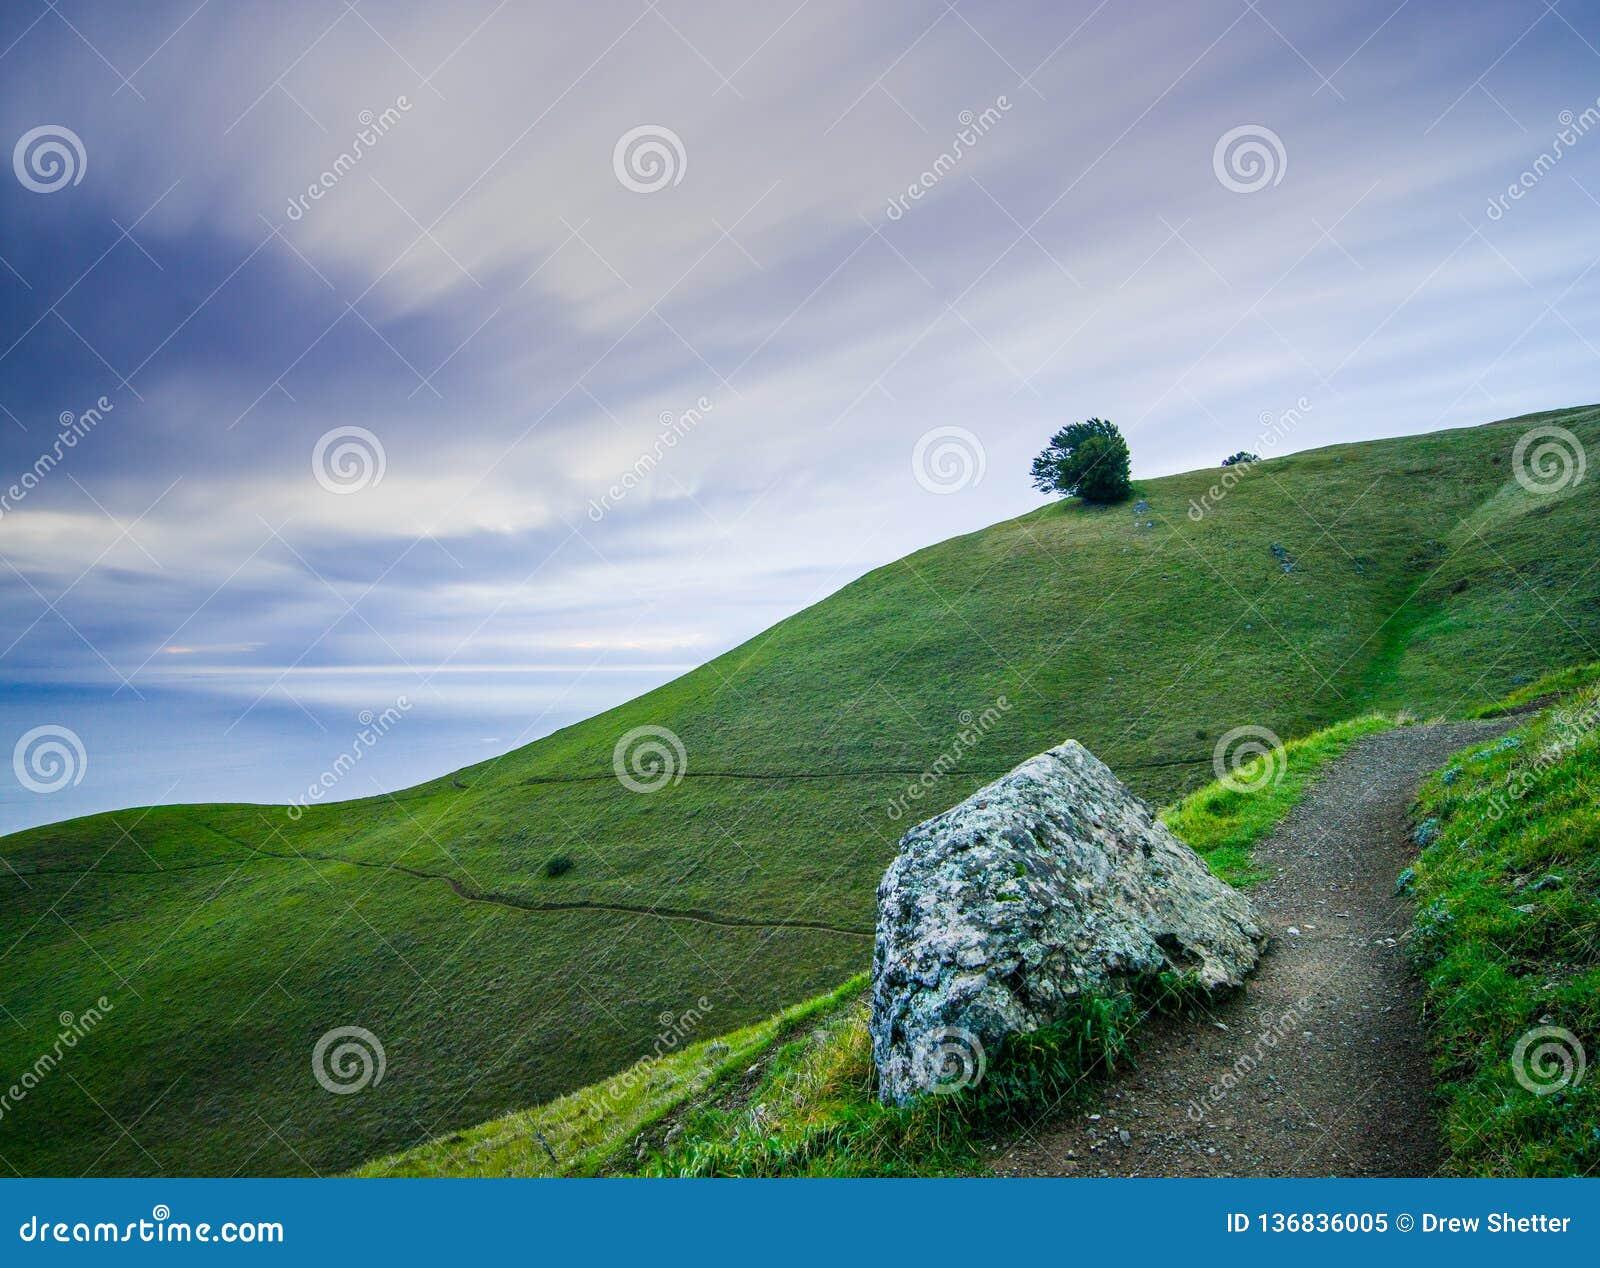 Lange Belichtungsphotographie mit beweglichen Wolken, einem Weg, der weg führen, grünen Hügeln und glattem Ozean